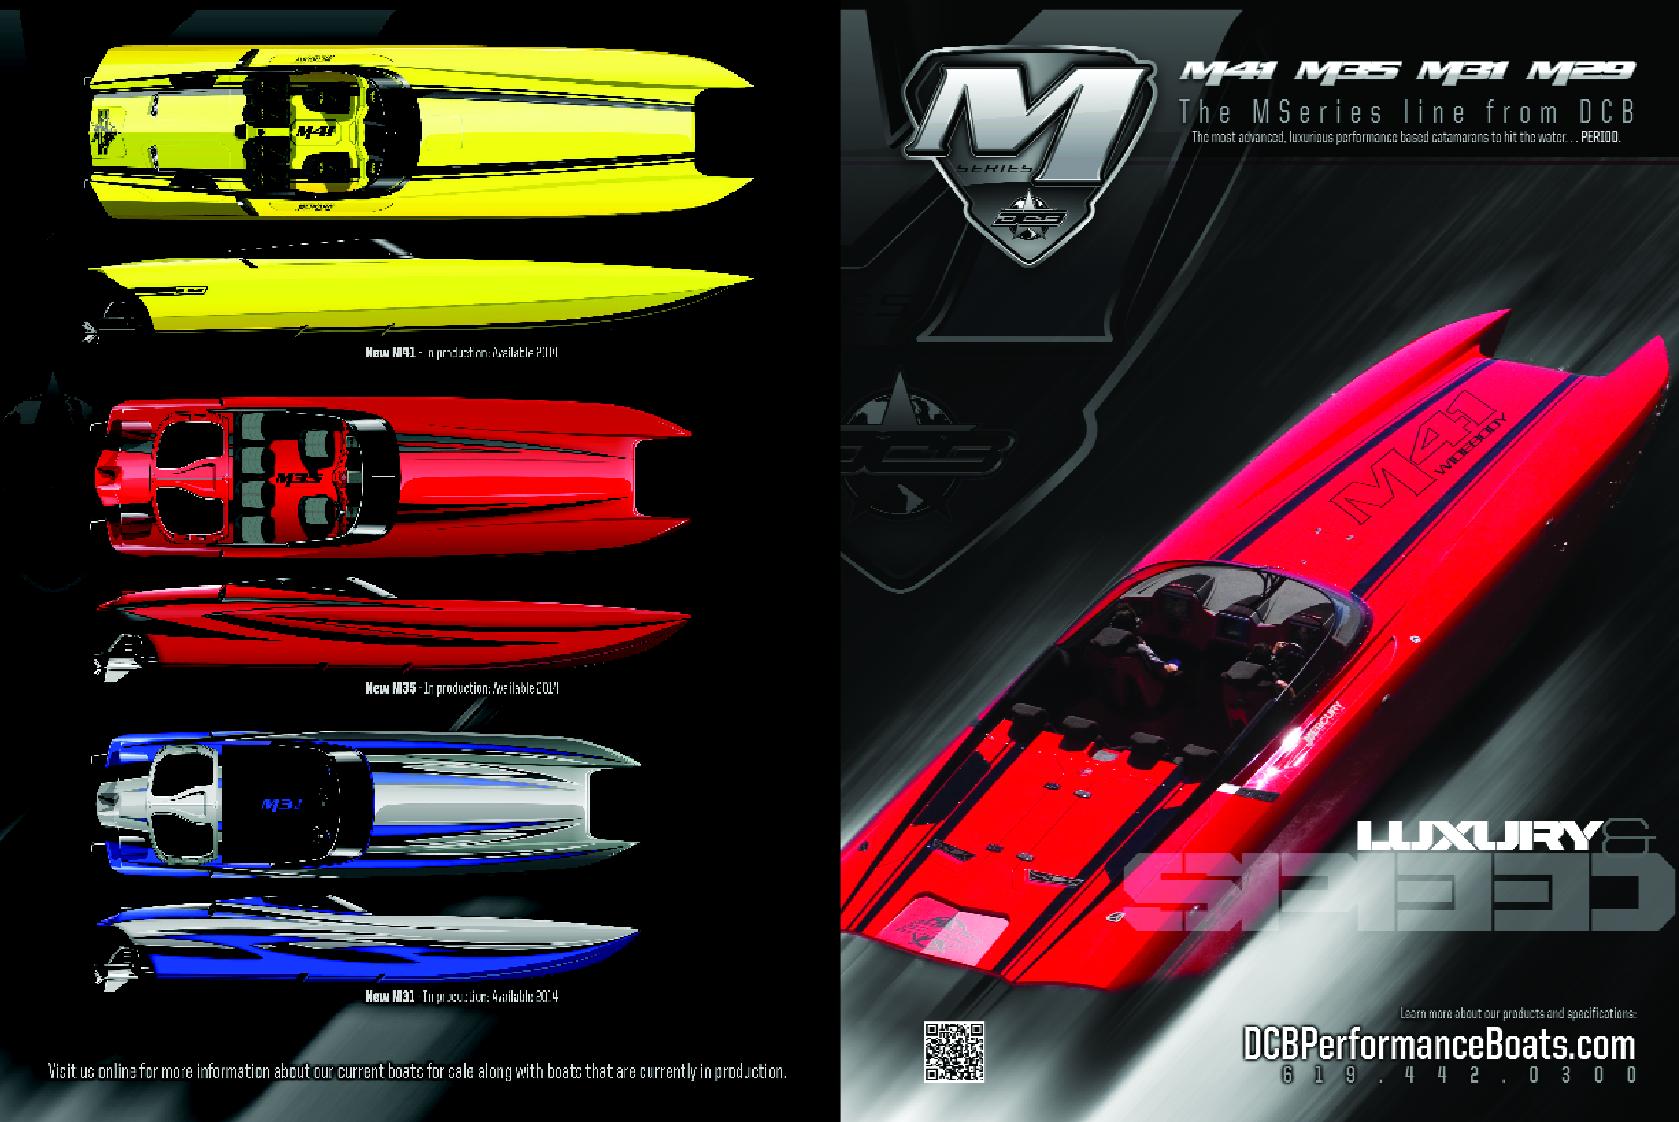 Dupont ad (3 boats)